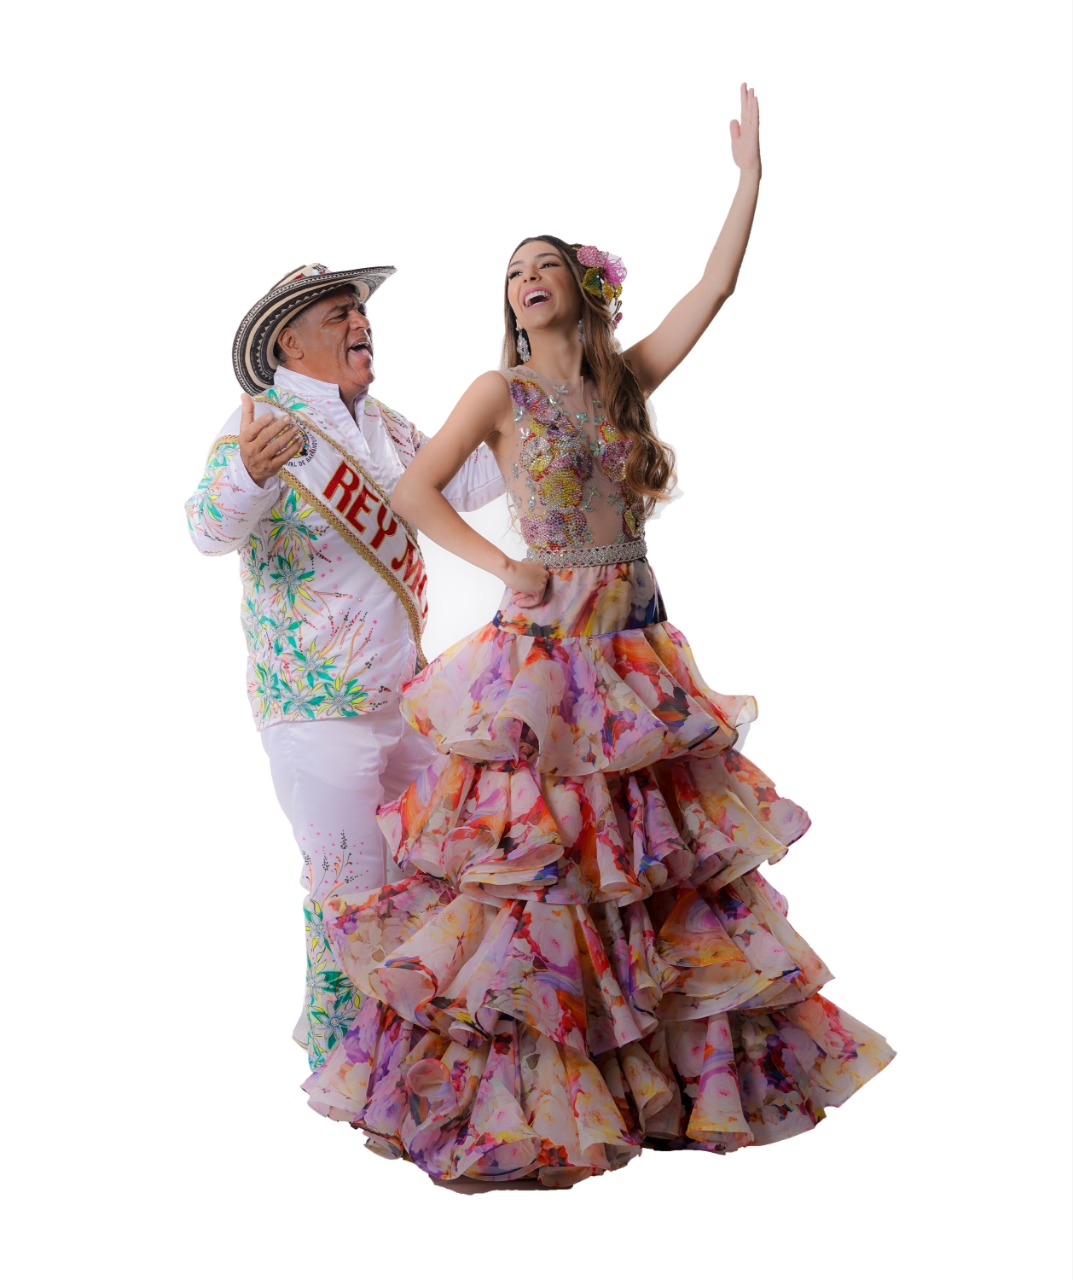 El Carnaval 2019 llega al Palacio de Nariño